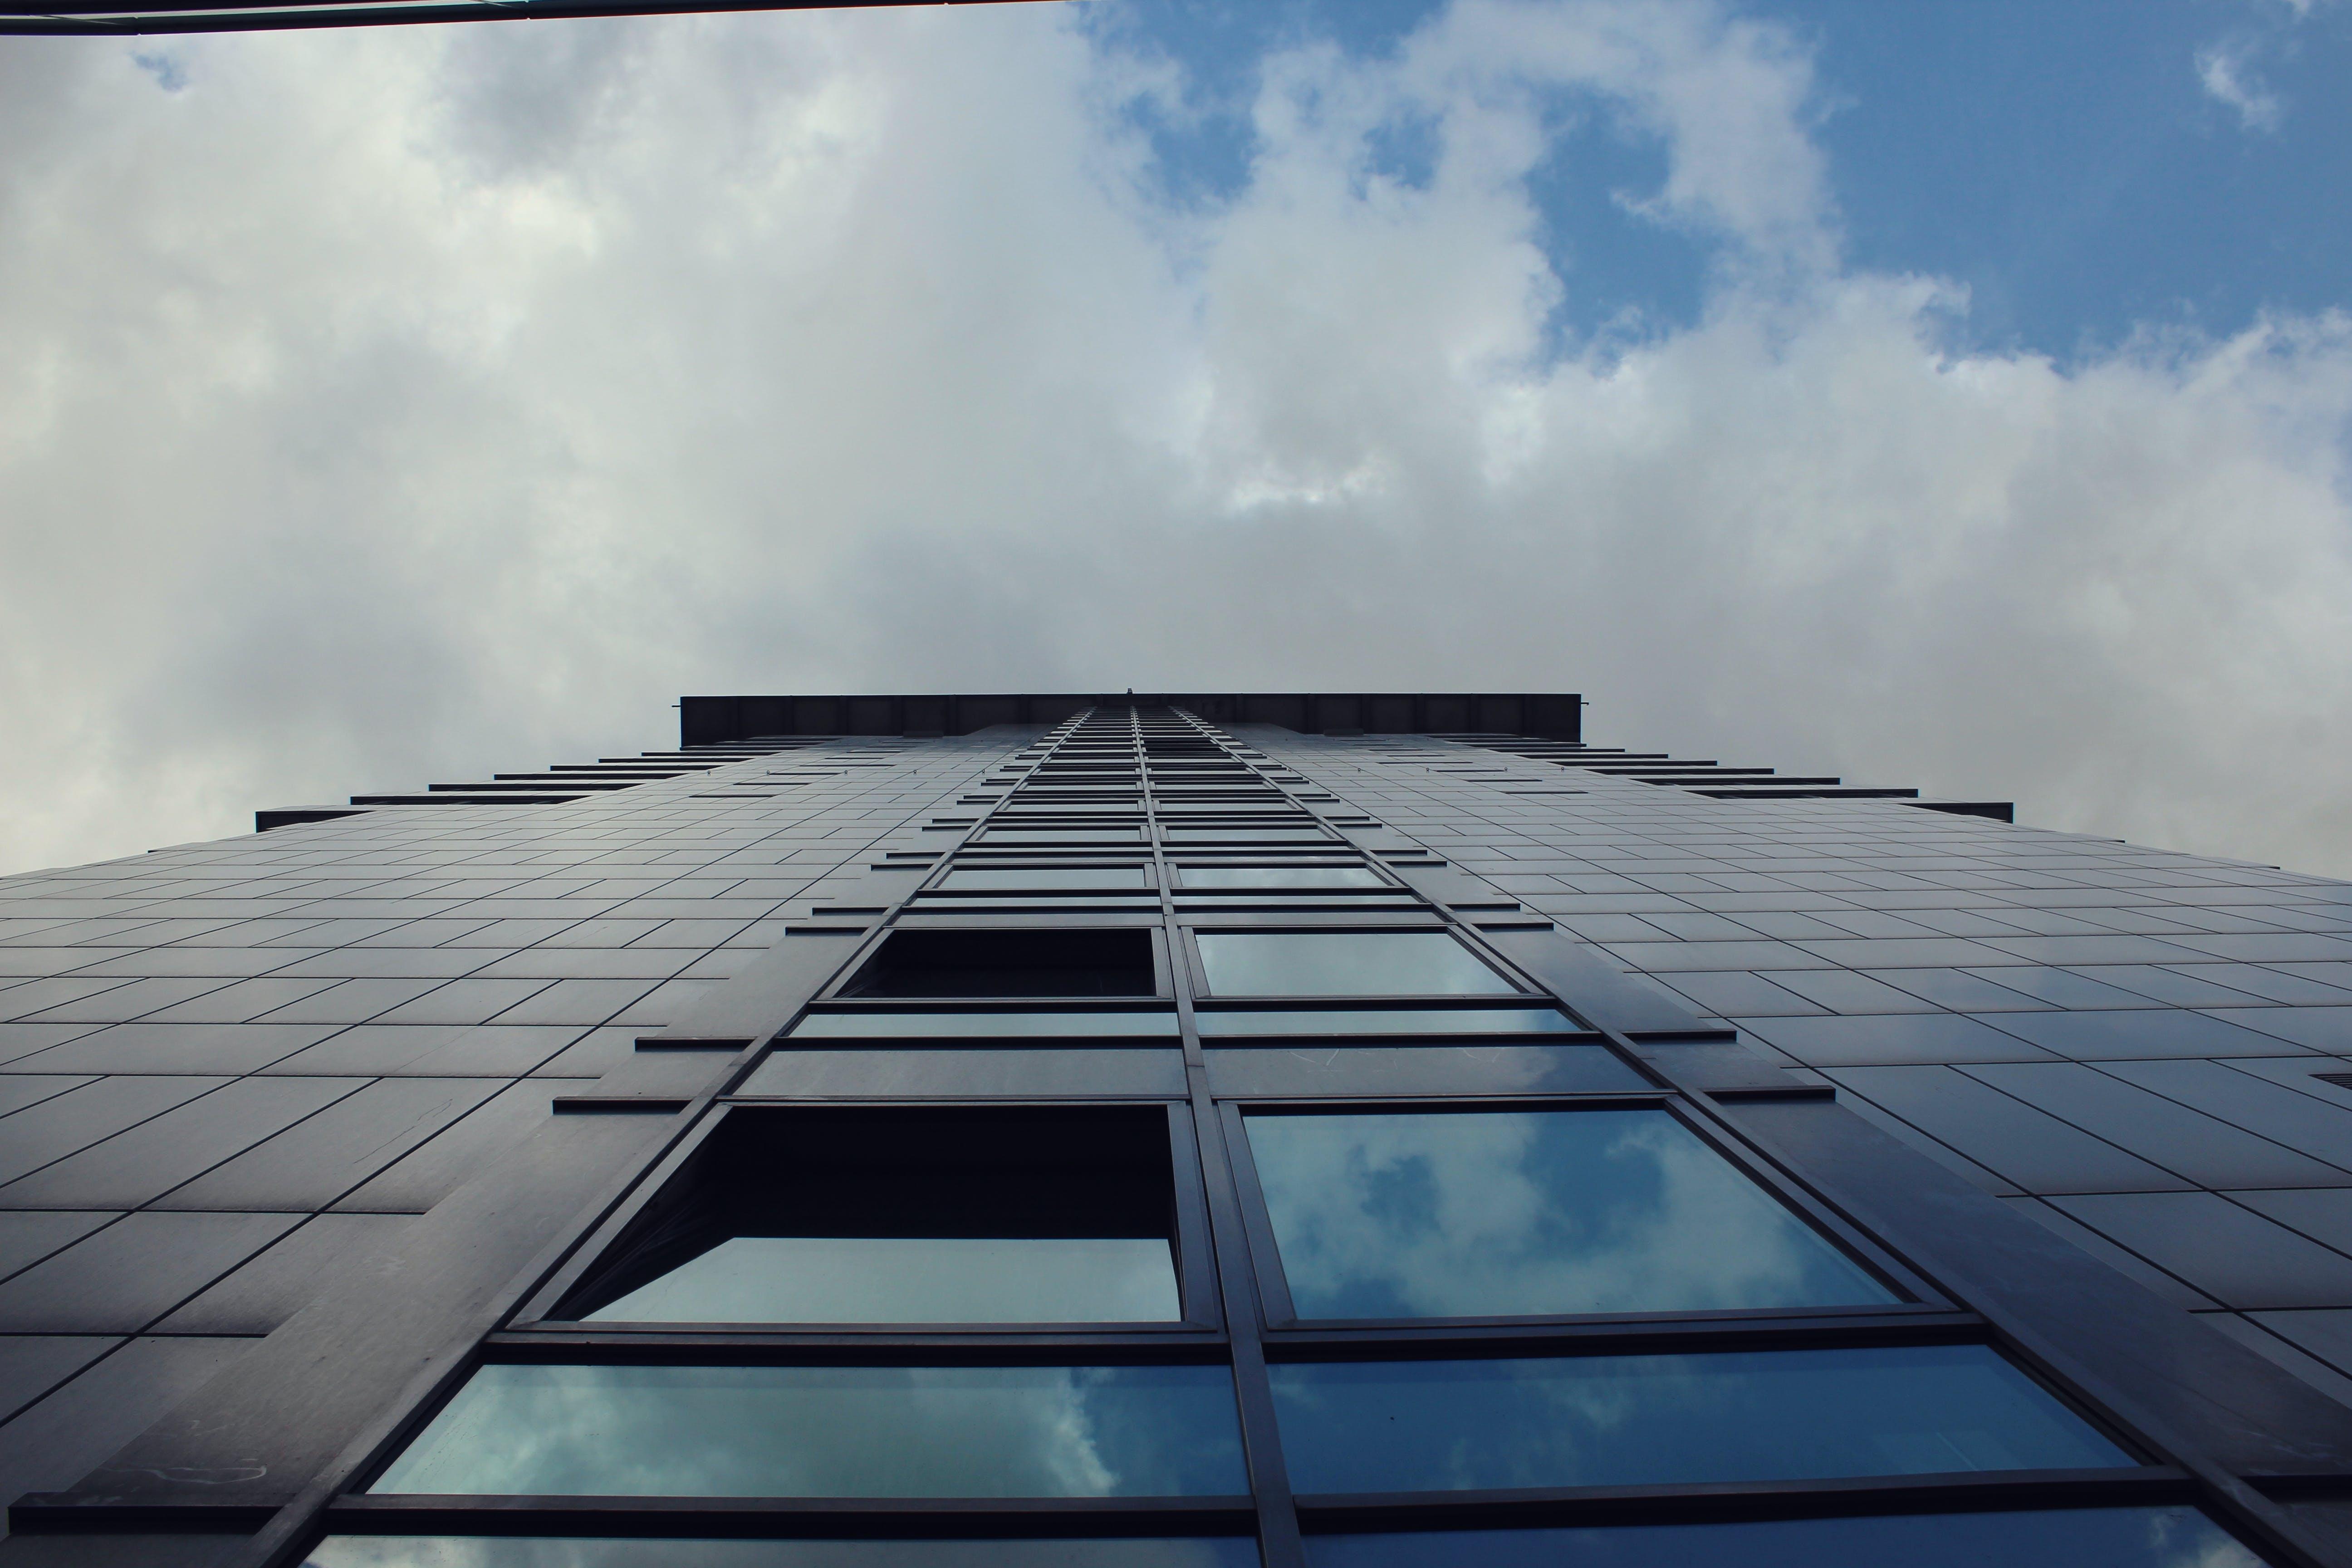 Kostenloses Stock Foto zu blau, blaue himmel, glasscheiben, hellblau